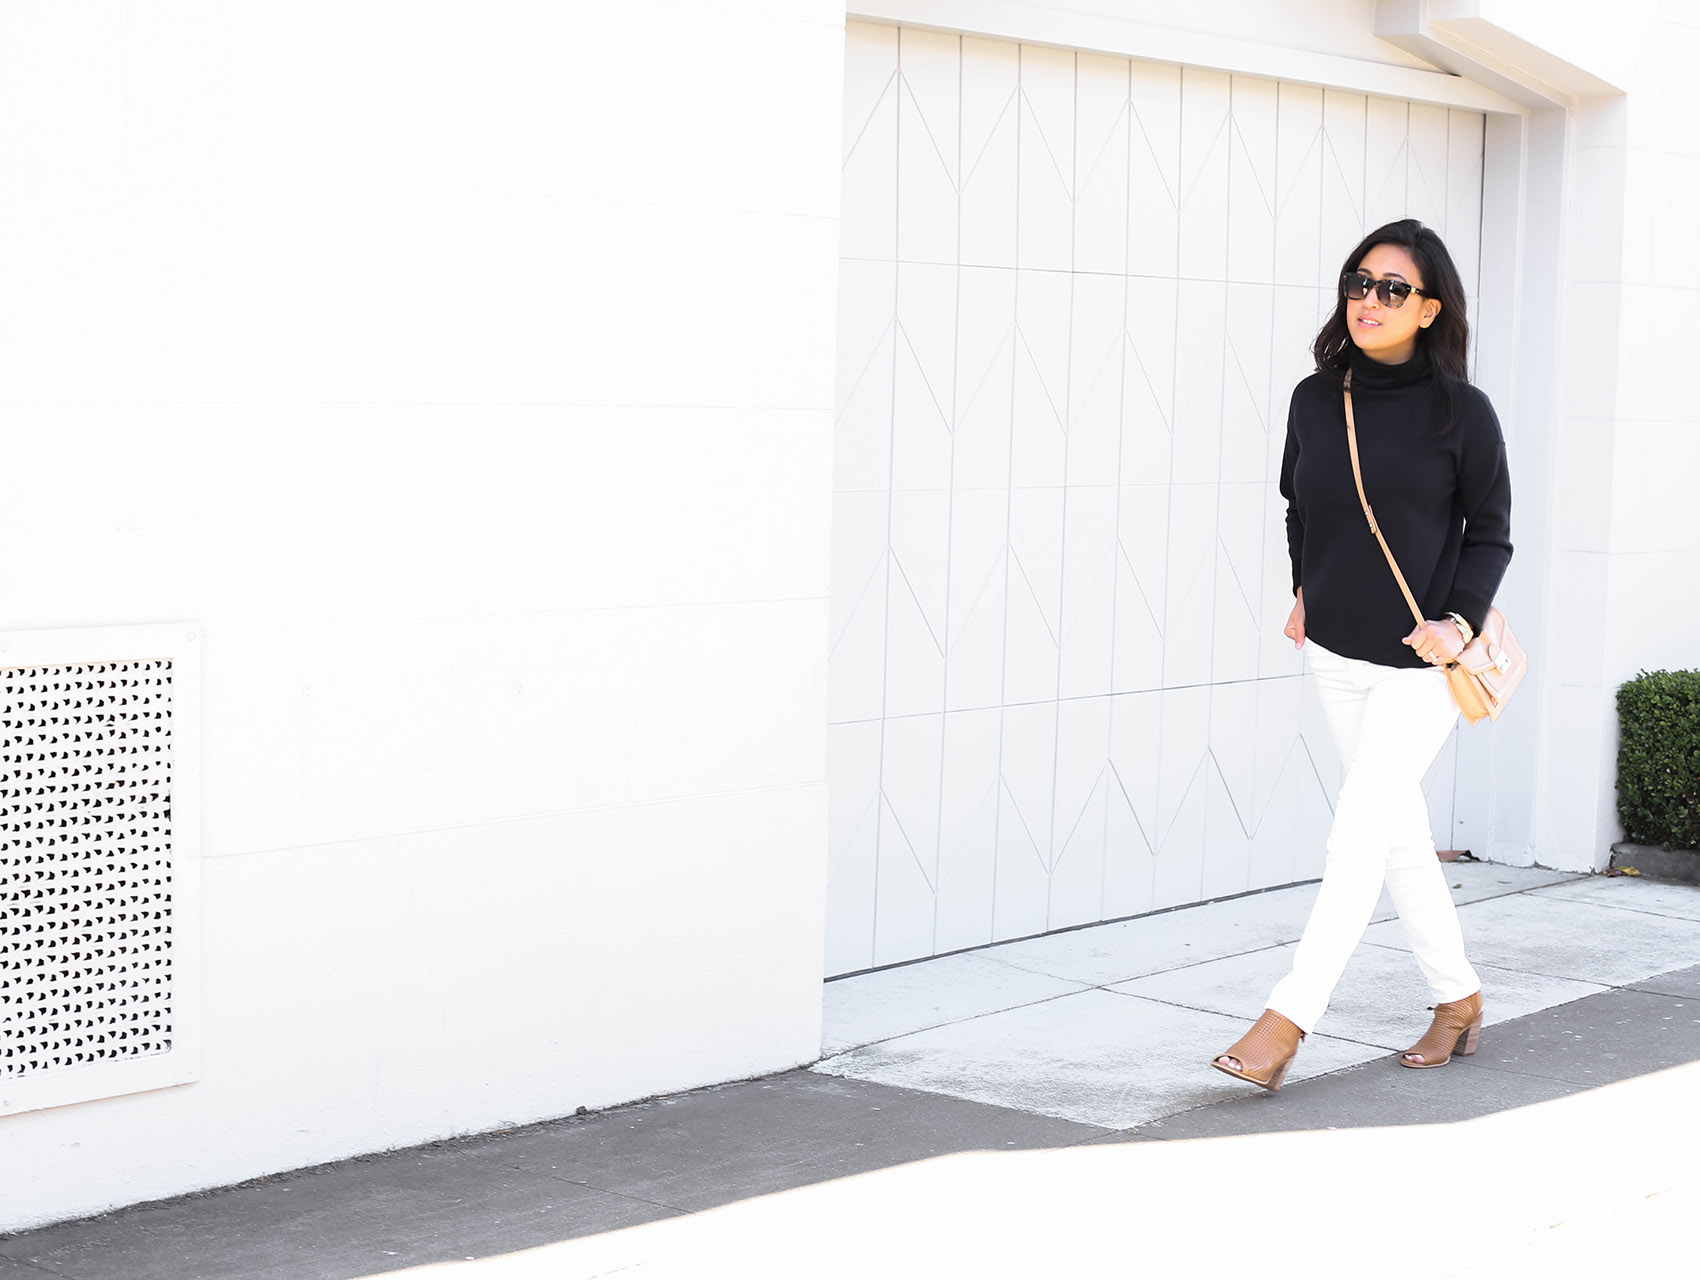 @victoriamstudio   details - j brand white jeans, everlane sweater, loeffler randall bag, steve madden booties